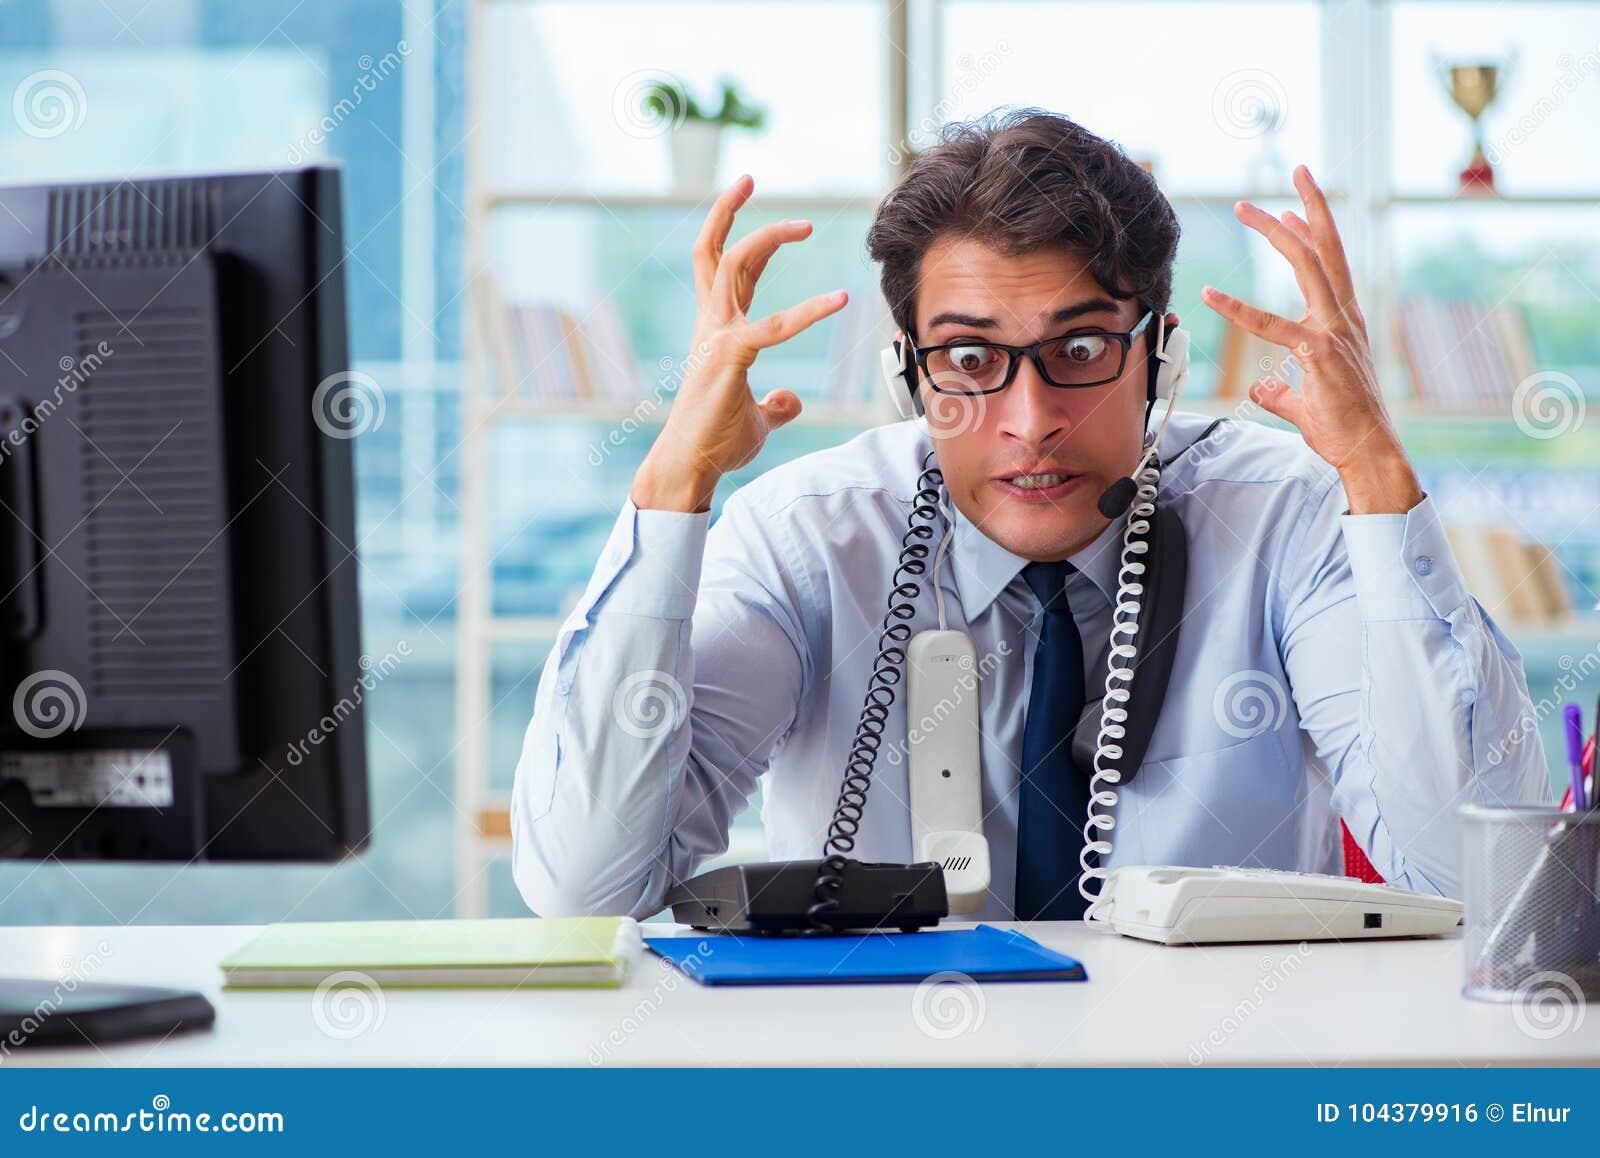 Ο δυστυχισμένος 0 εργαζόμενος τηλεφωνικών κέντρων που ματαιώνεται με το φόρτο εργασίας